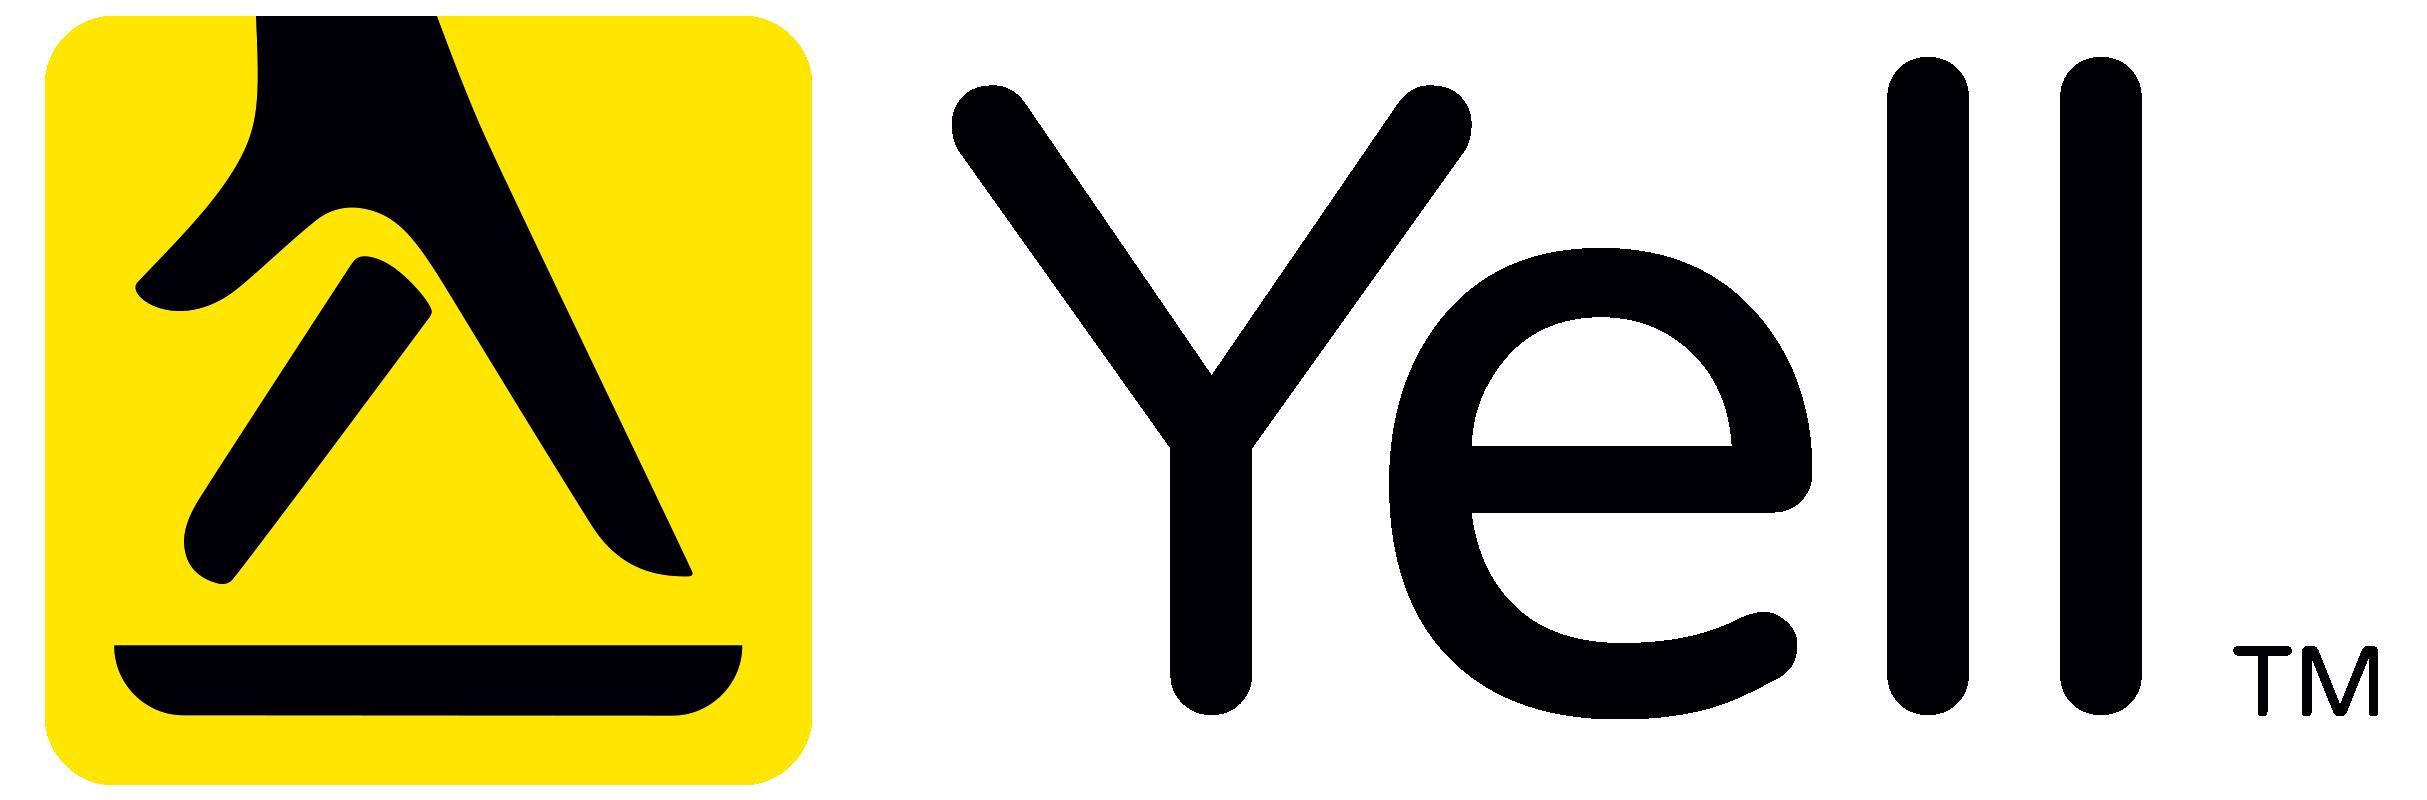 Yell.com